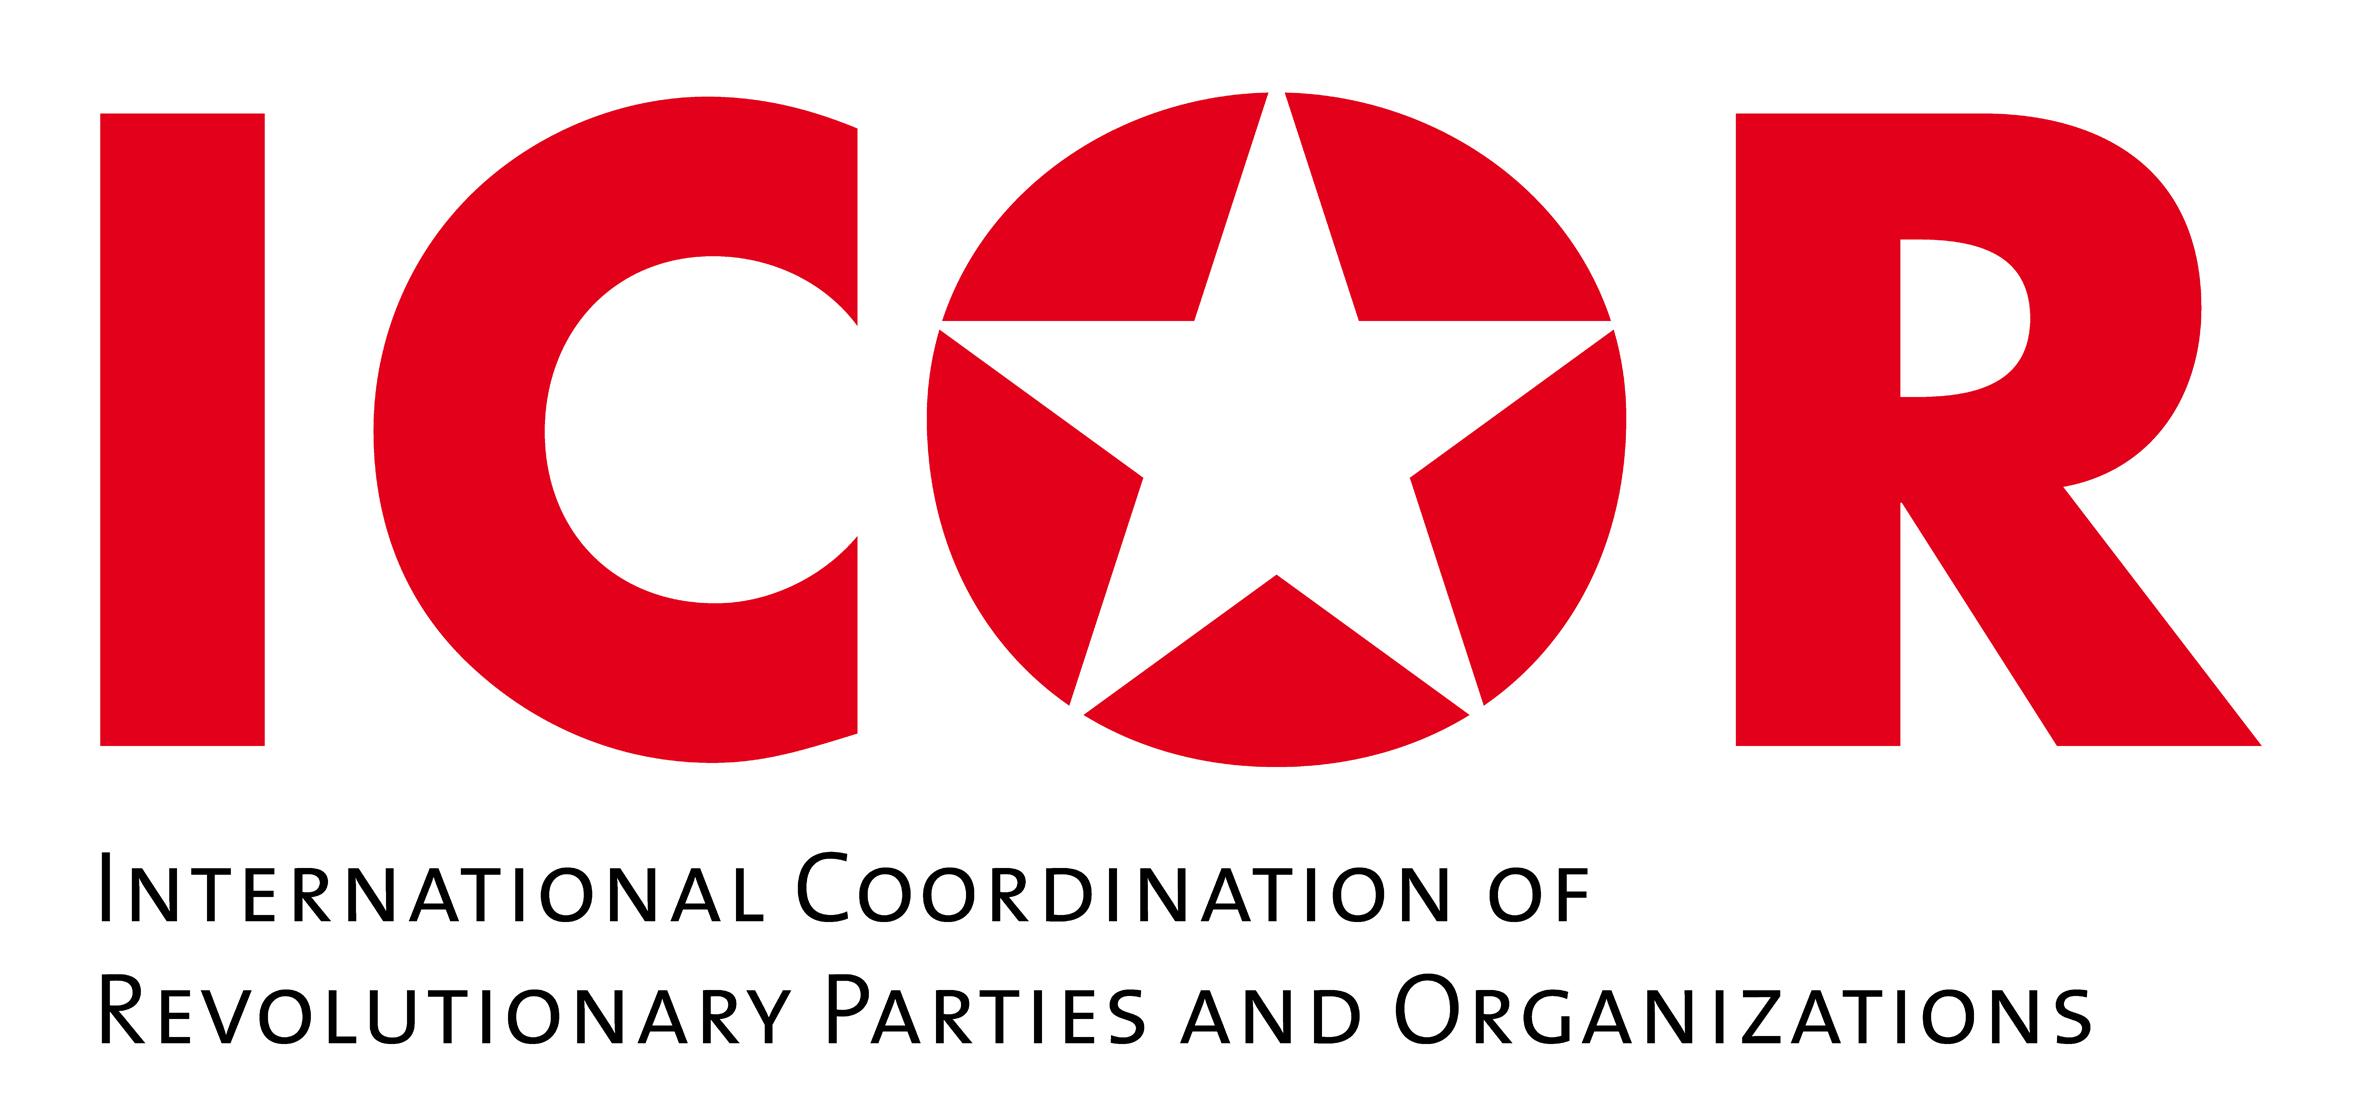 Nee tegen de imperialistische EU-politiek -  Ja voor het internationalisme!